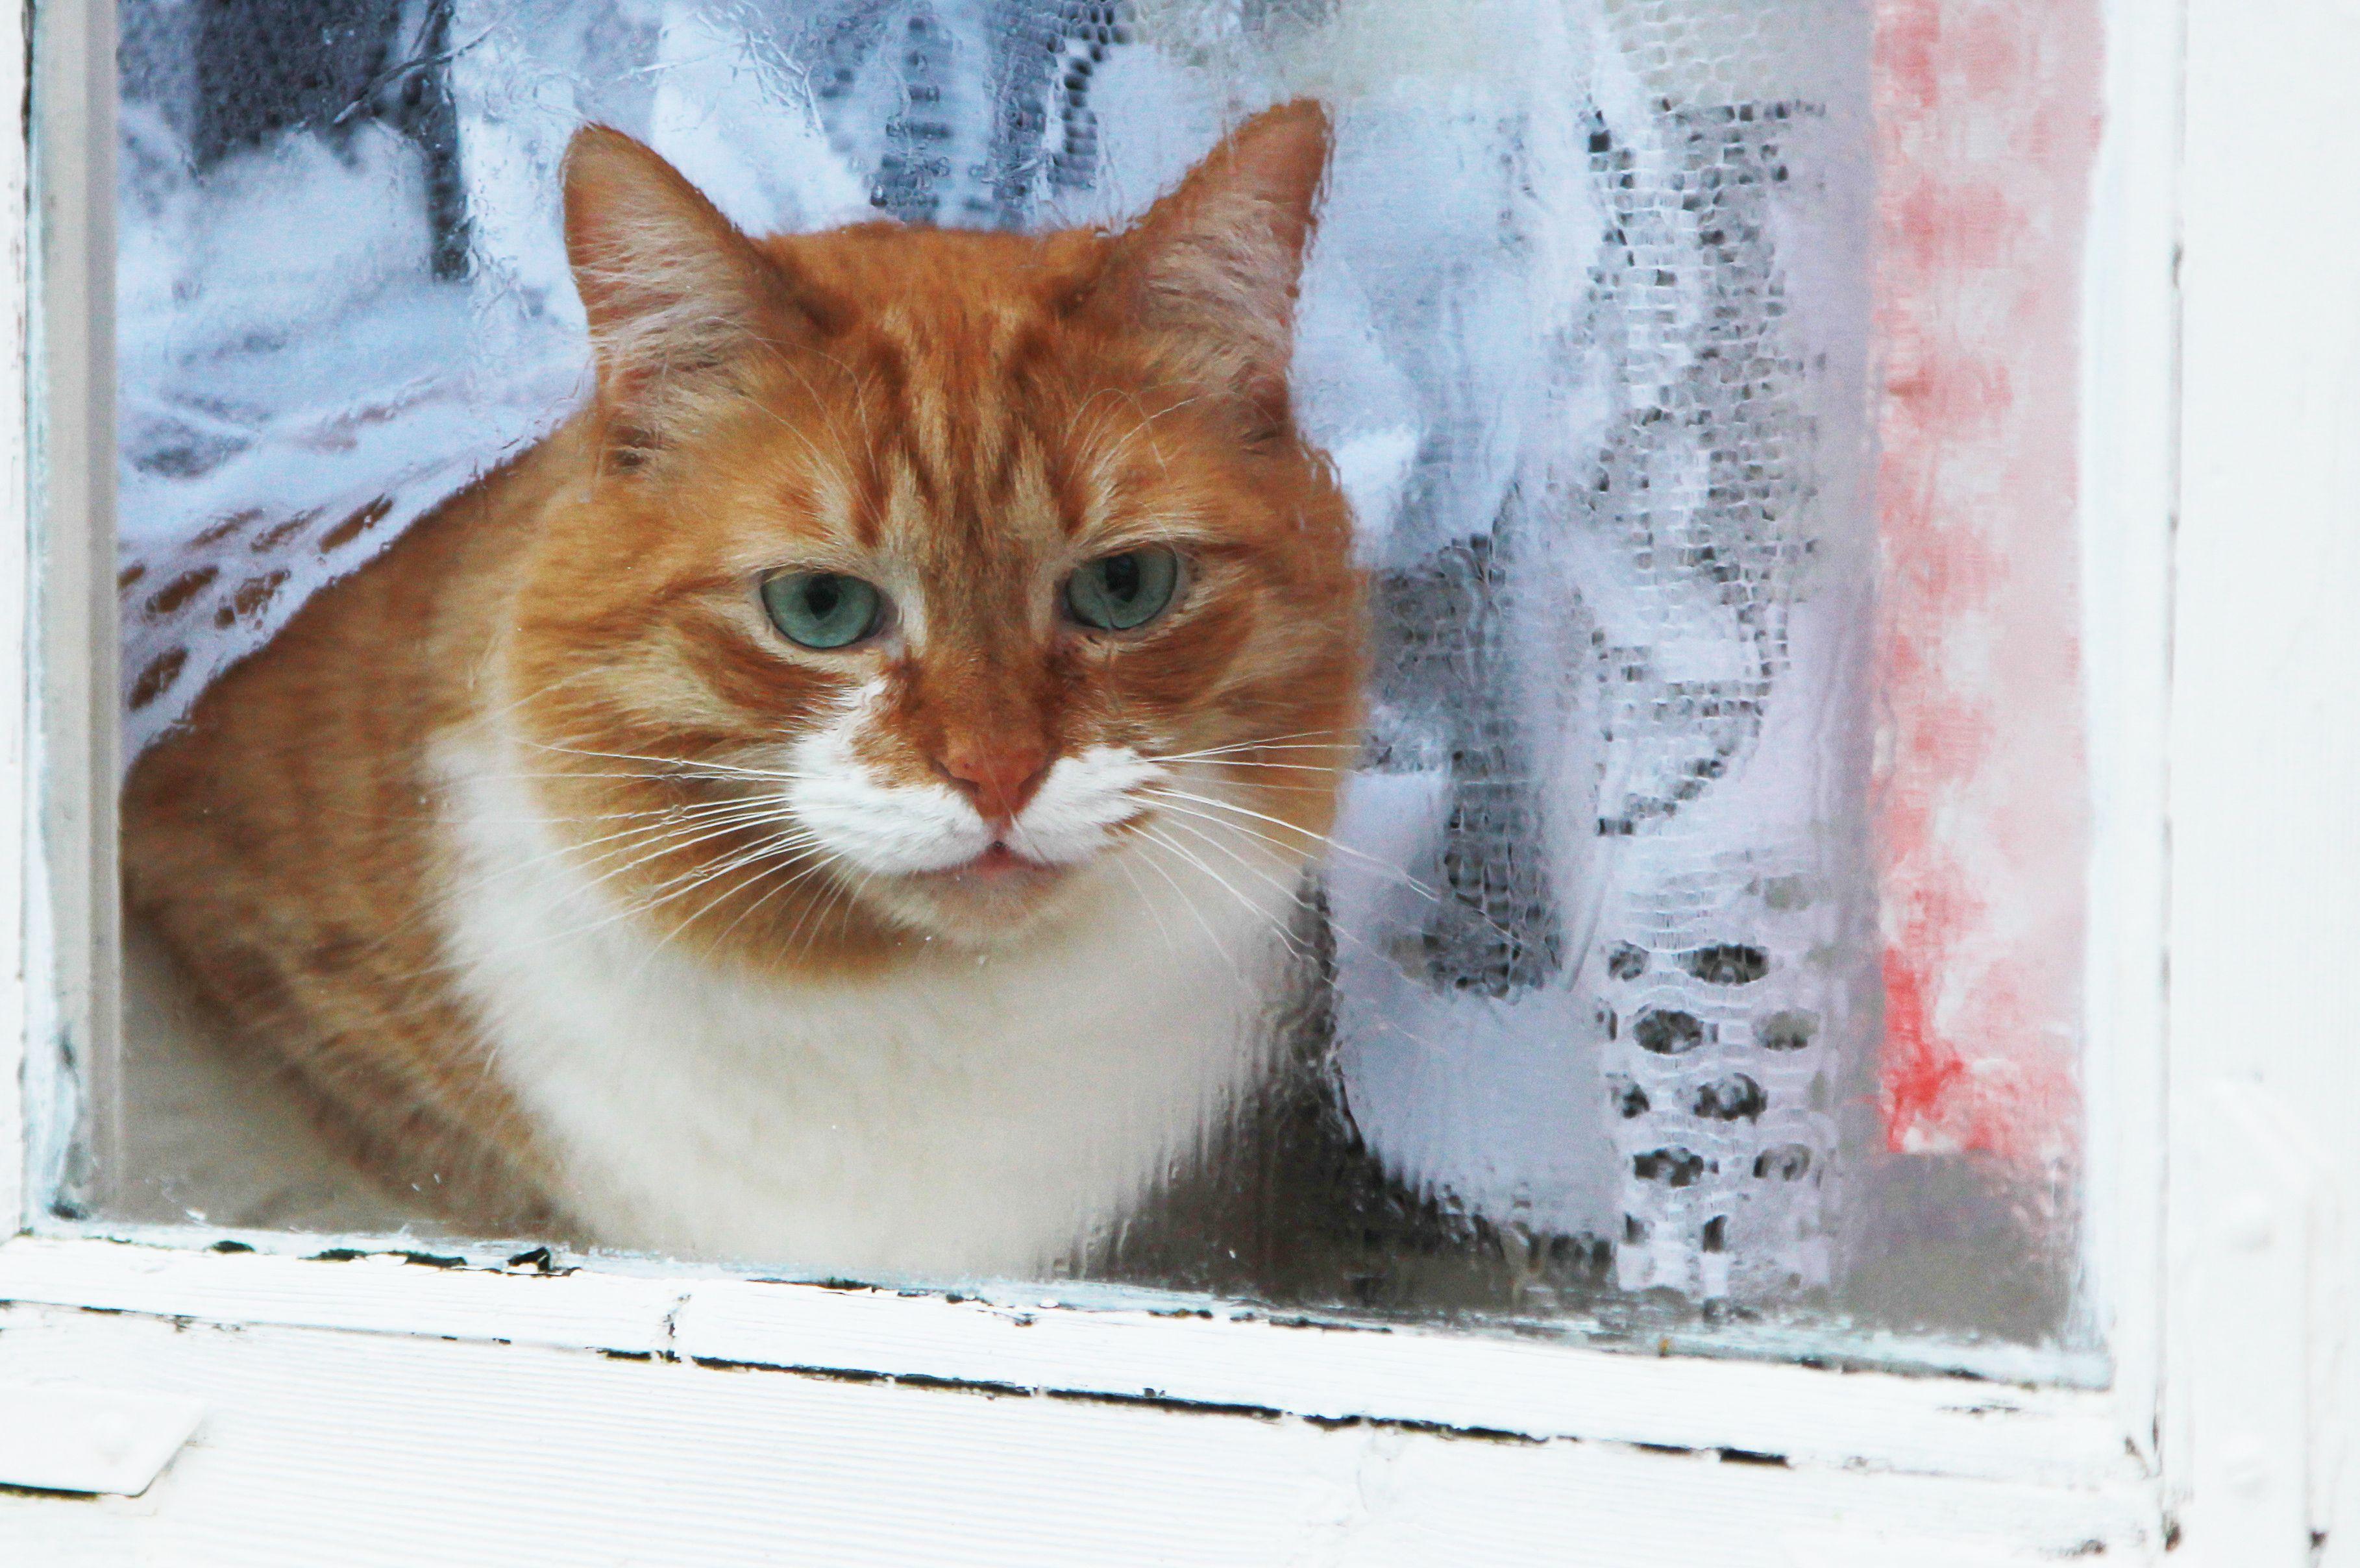 Московским пенсионерам предложили бесплатно стерилизовать кошек